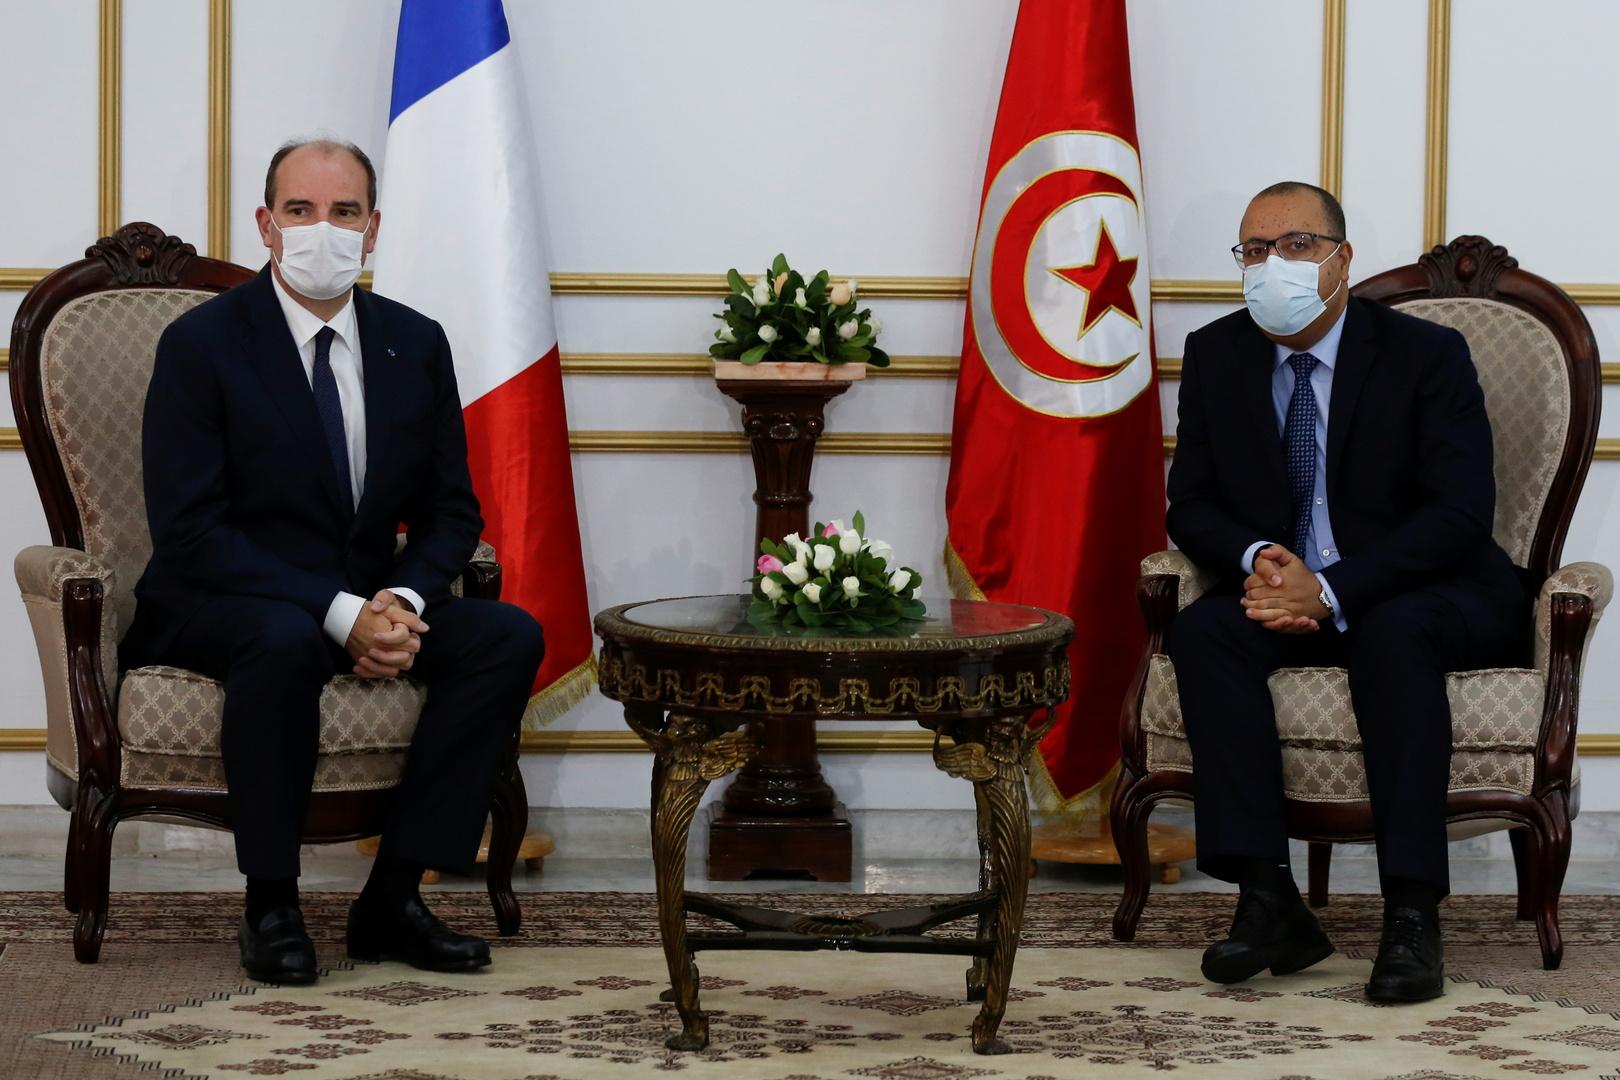 رئيس الوزراء الفرنسي يصل إلى تونس